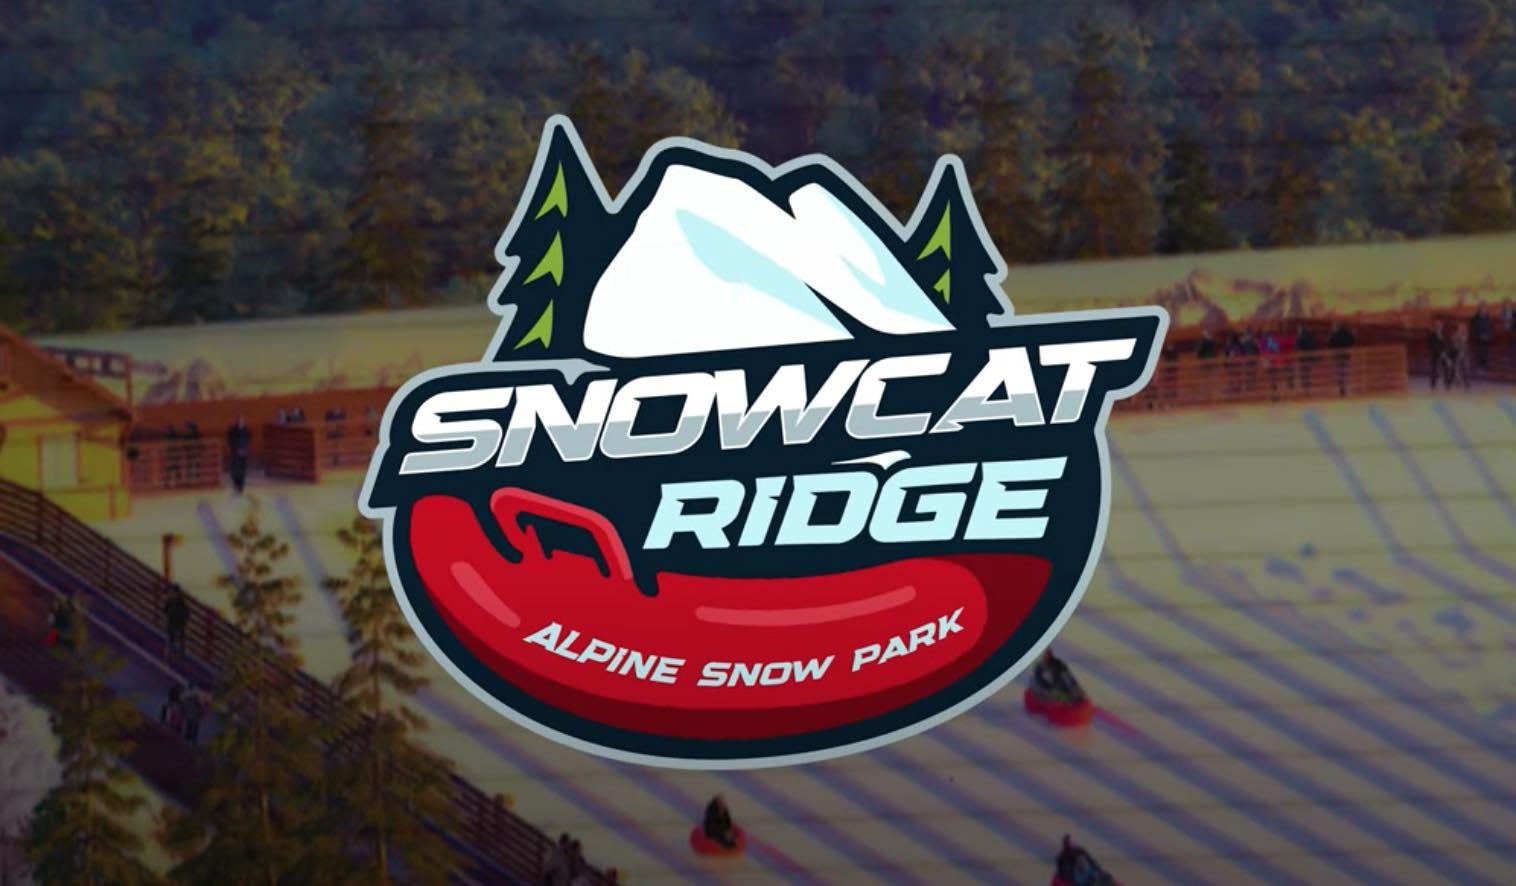 snowcat-ridge-florida